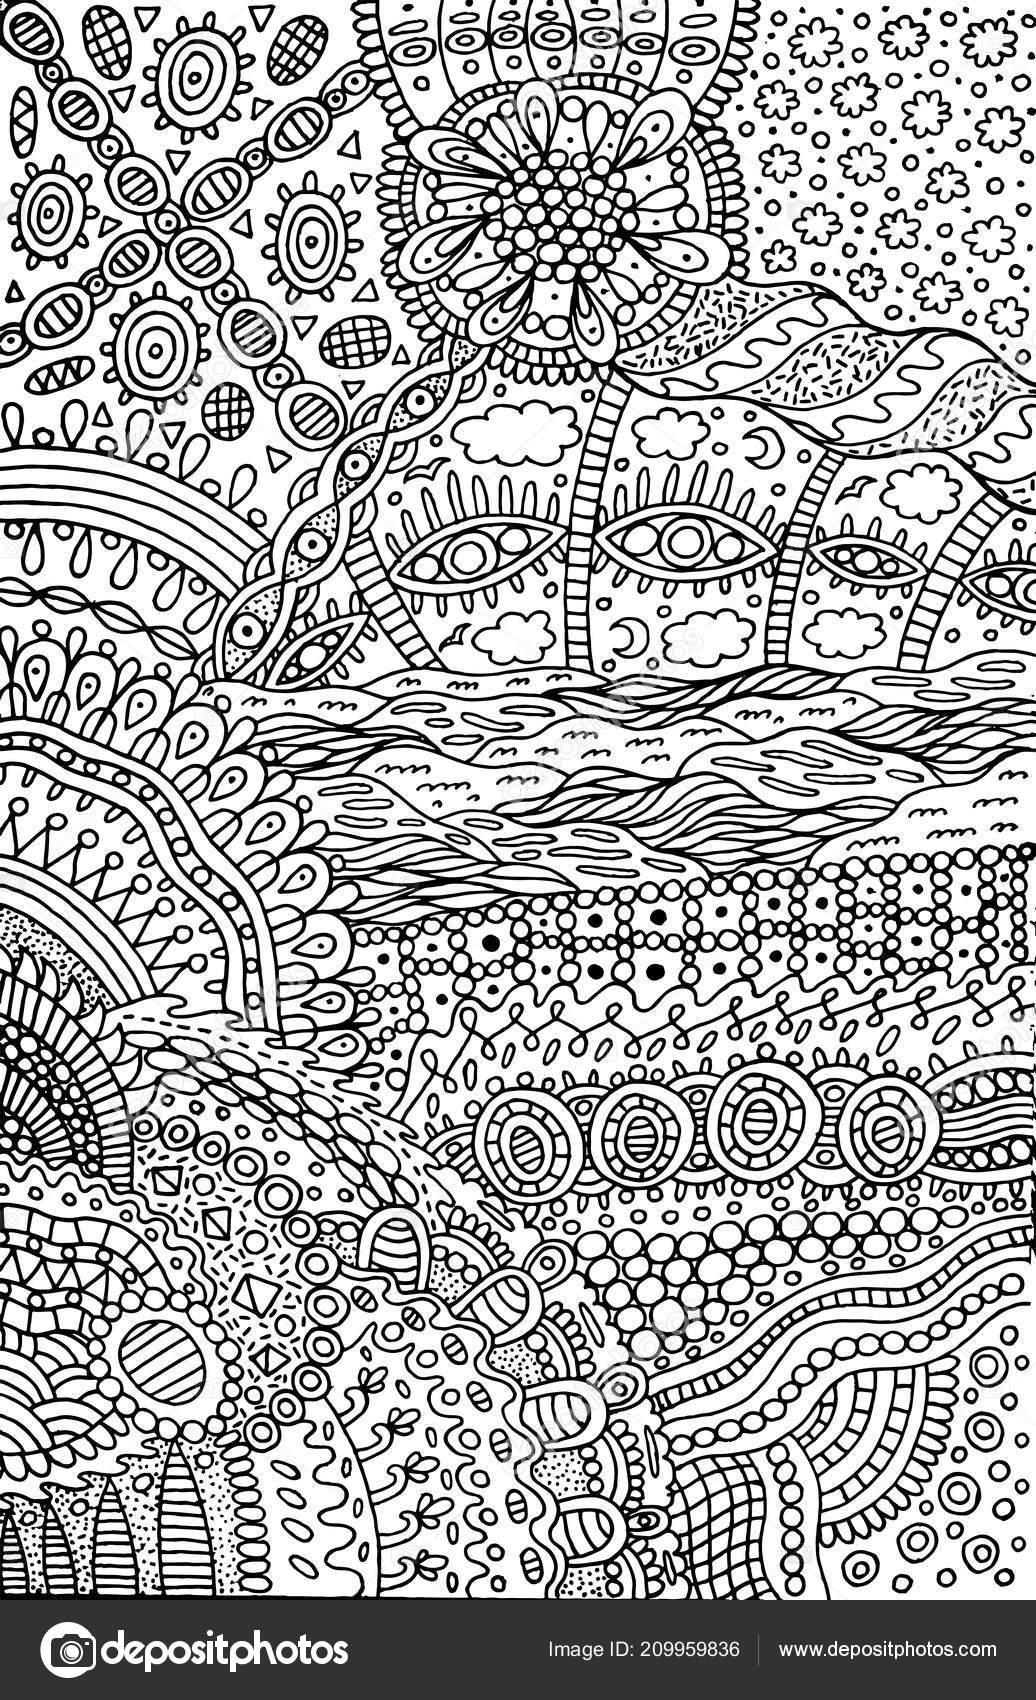 Kleurplaten Volwassenen Abstract.Psychedelische Surrealistisch Fantastische Abstracte Doodle